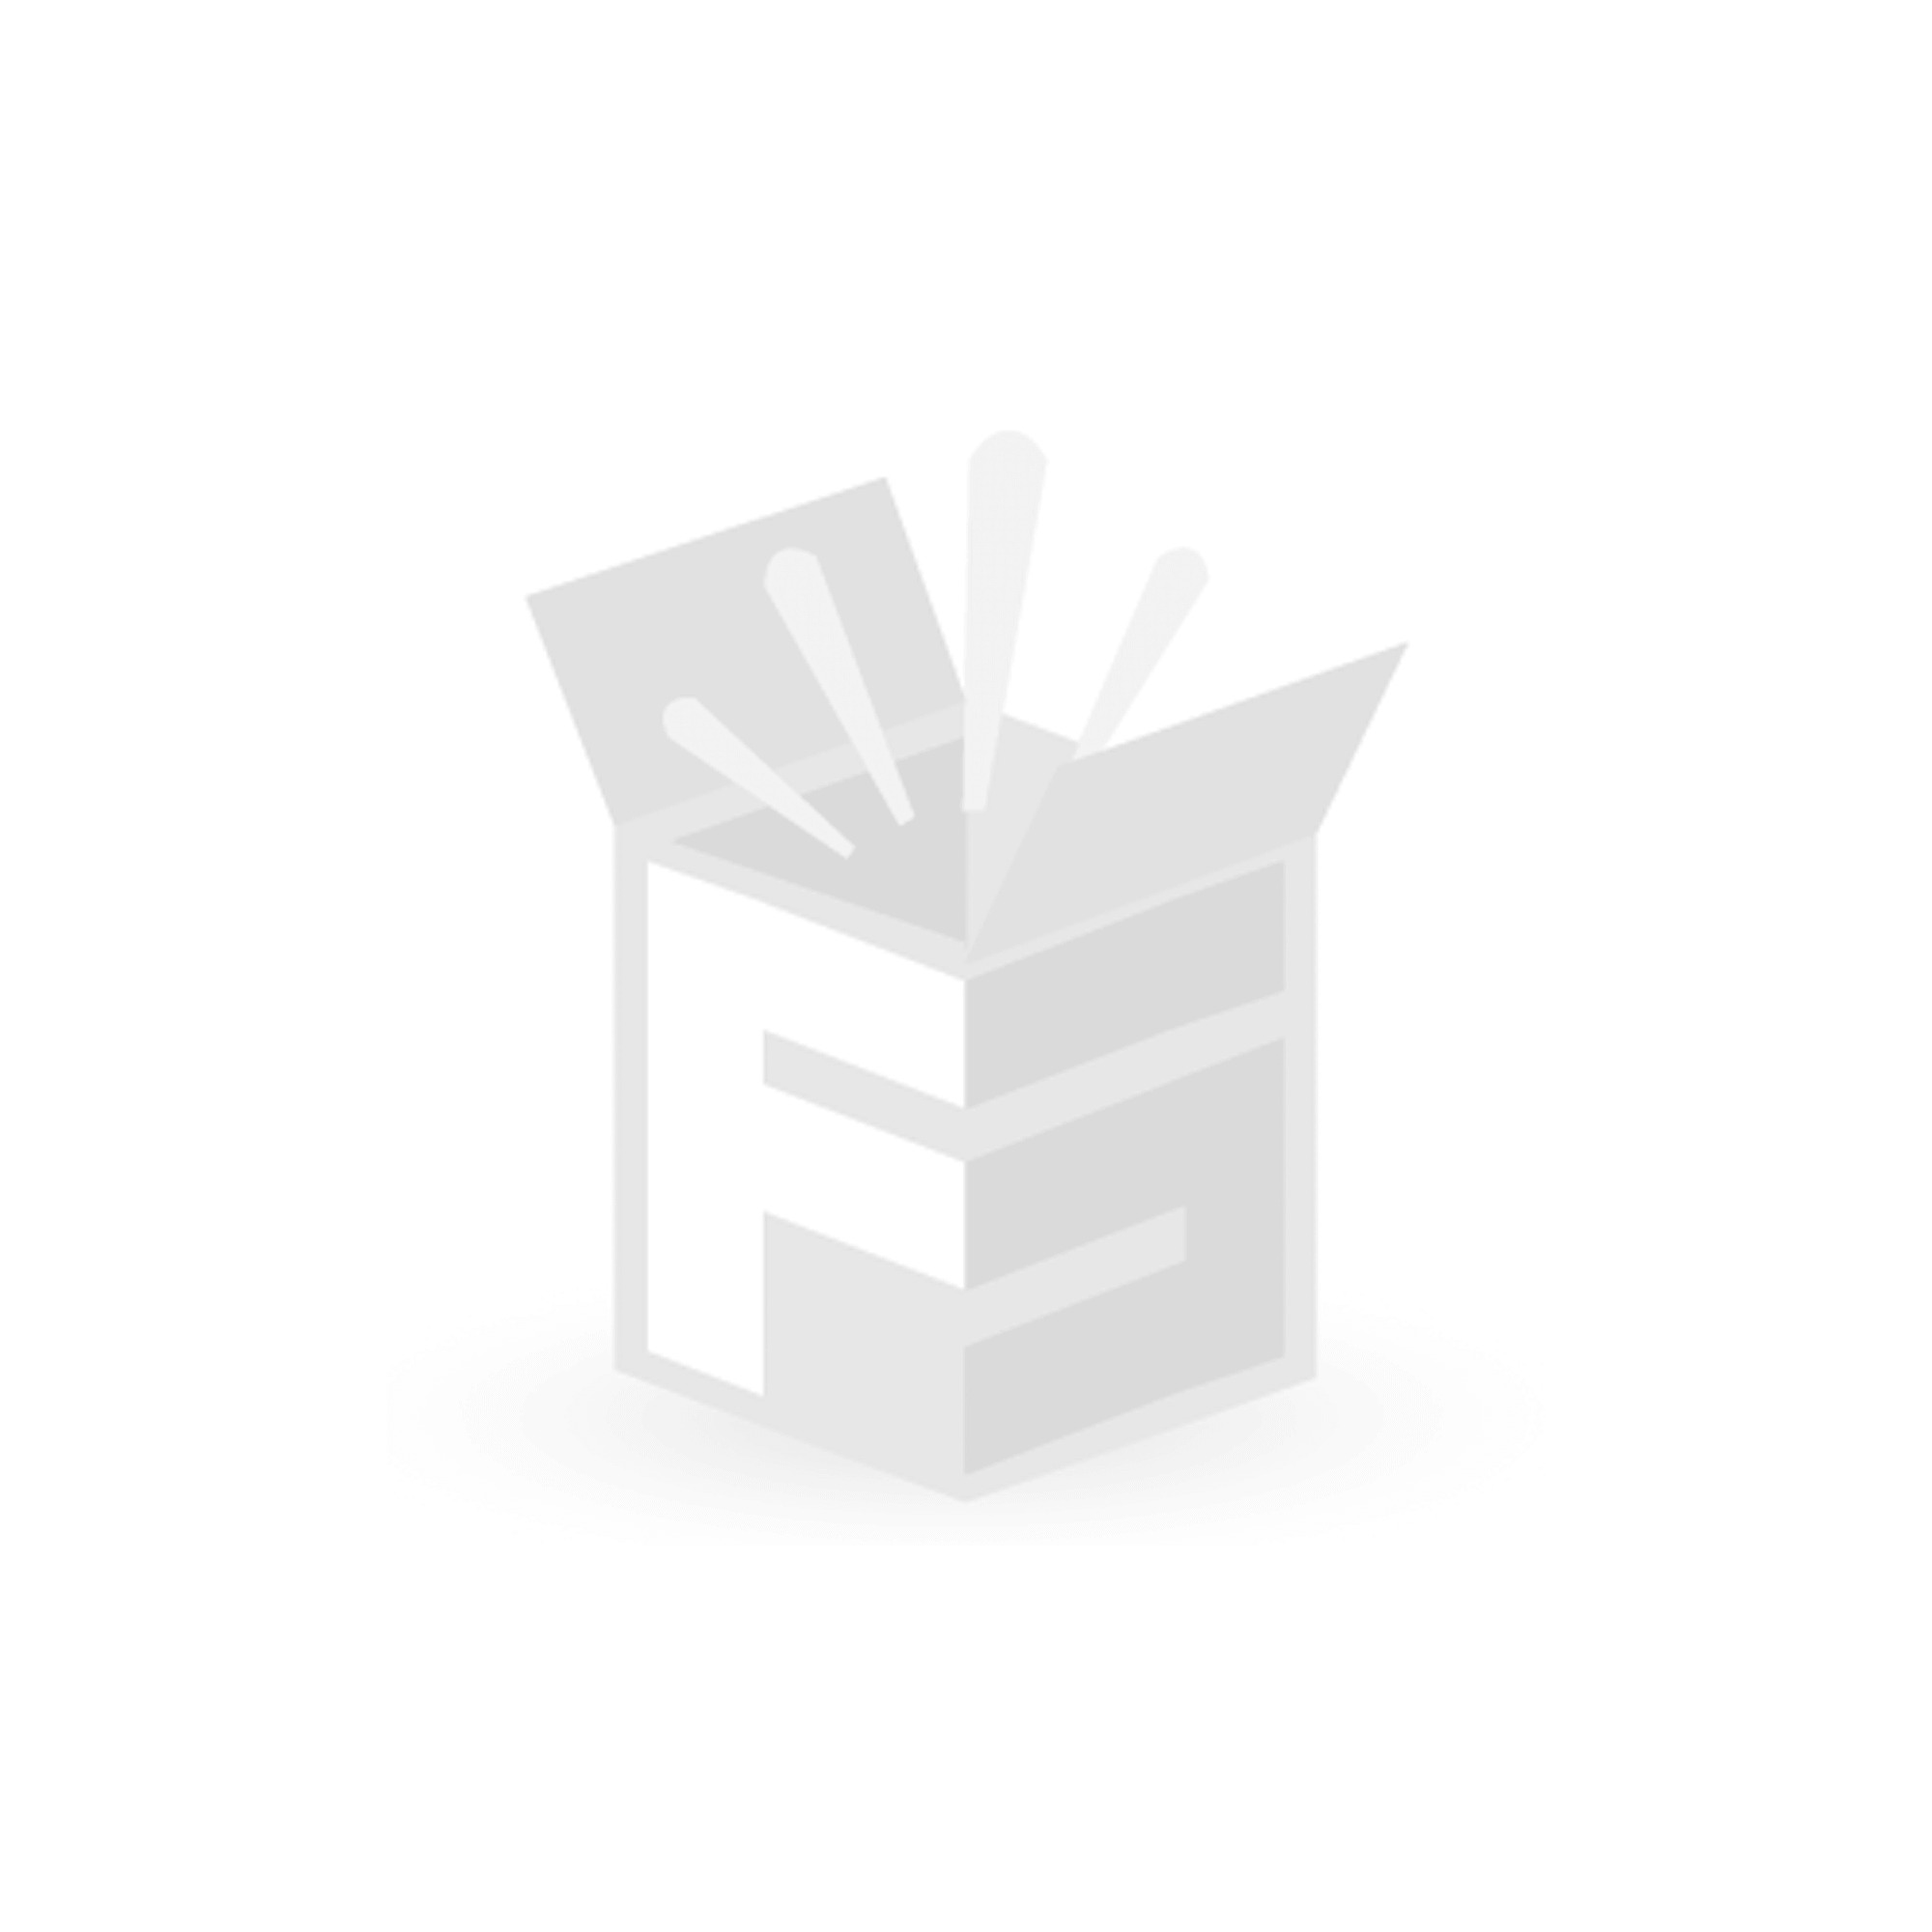 BigSoft Rouleau papier absorbant 4 x 50 feuilles, 2 couches